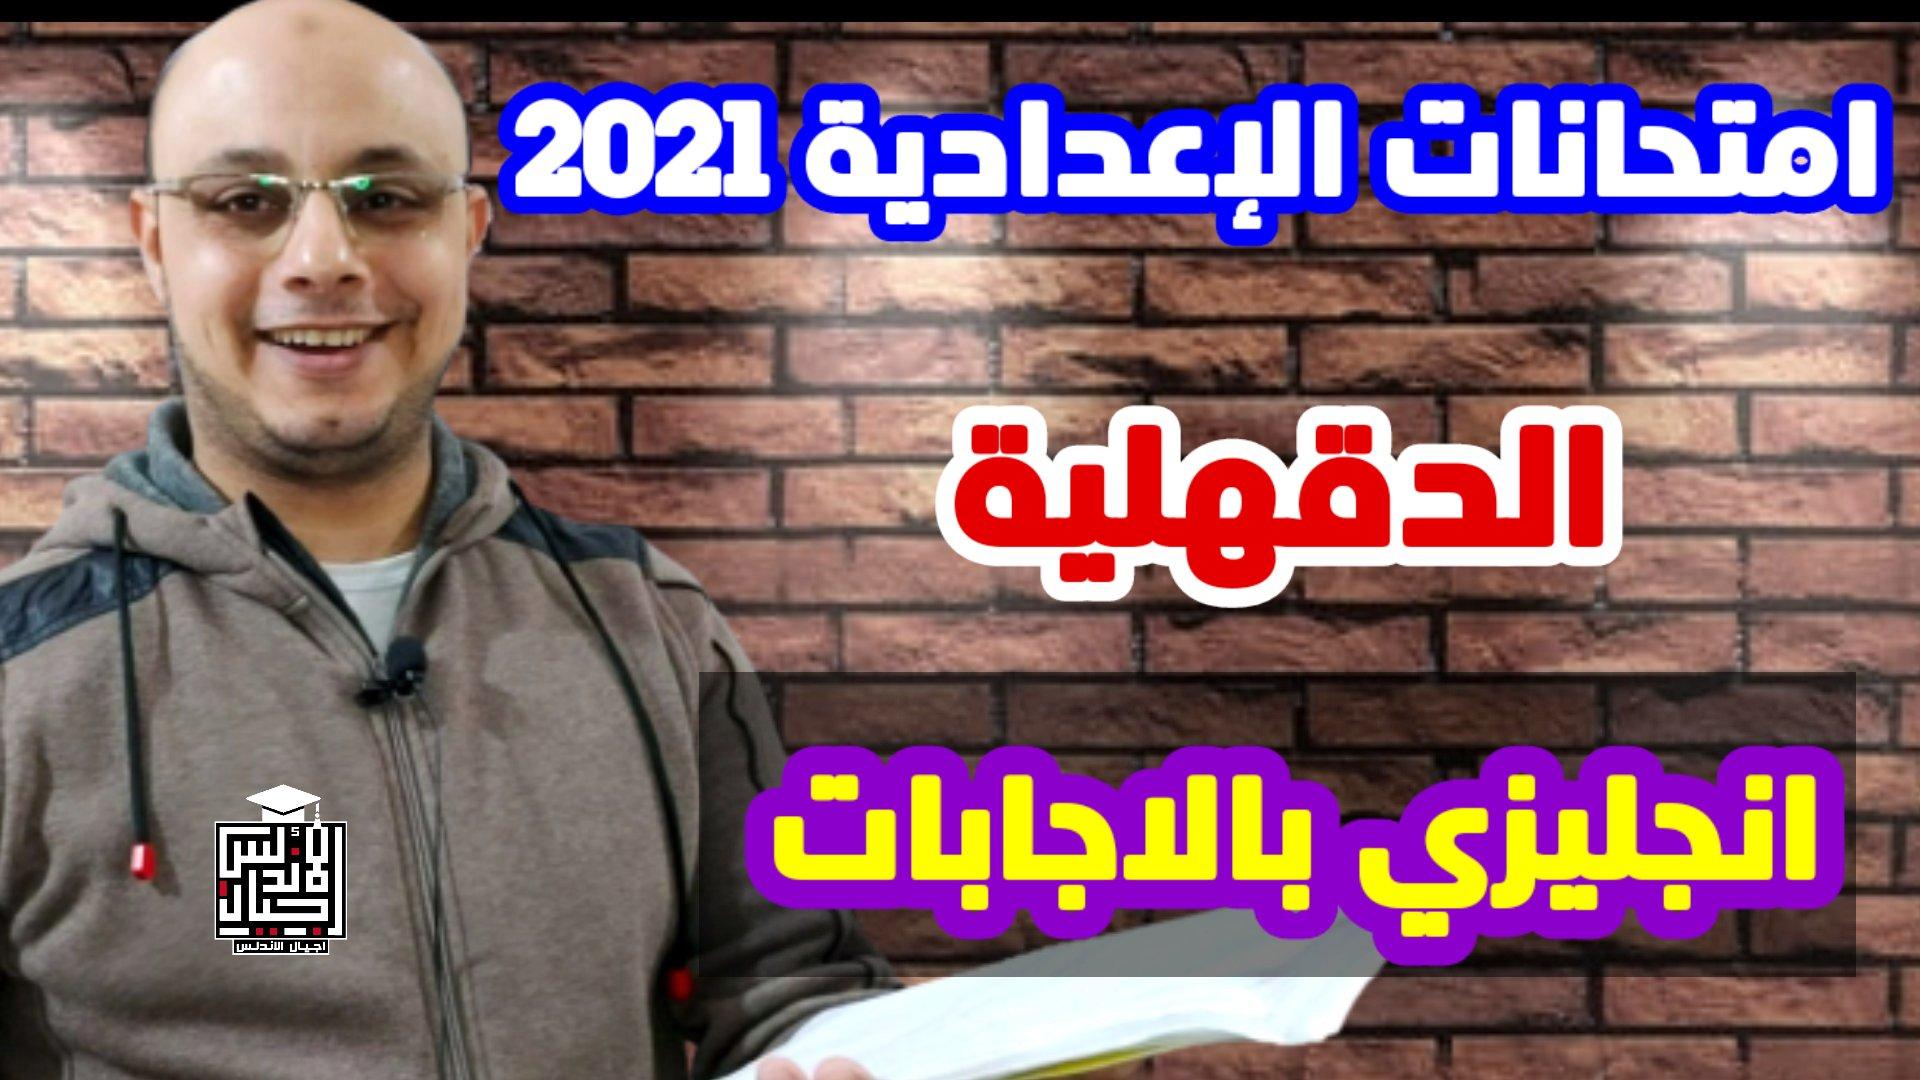 امتحان اللغة الإنجليزية بالاجابات الشهادة الاعداديه محافظة الدقهليه 2021 - اجيال الاندلس